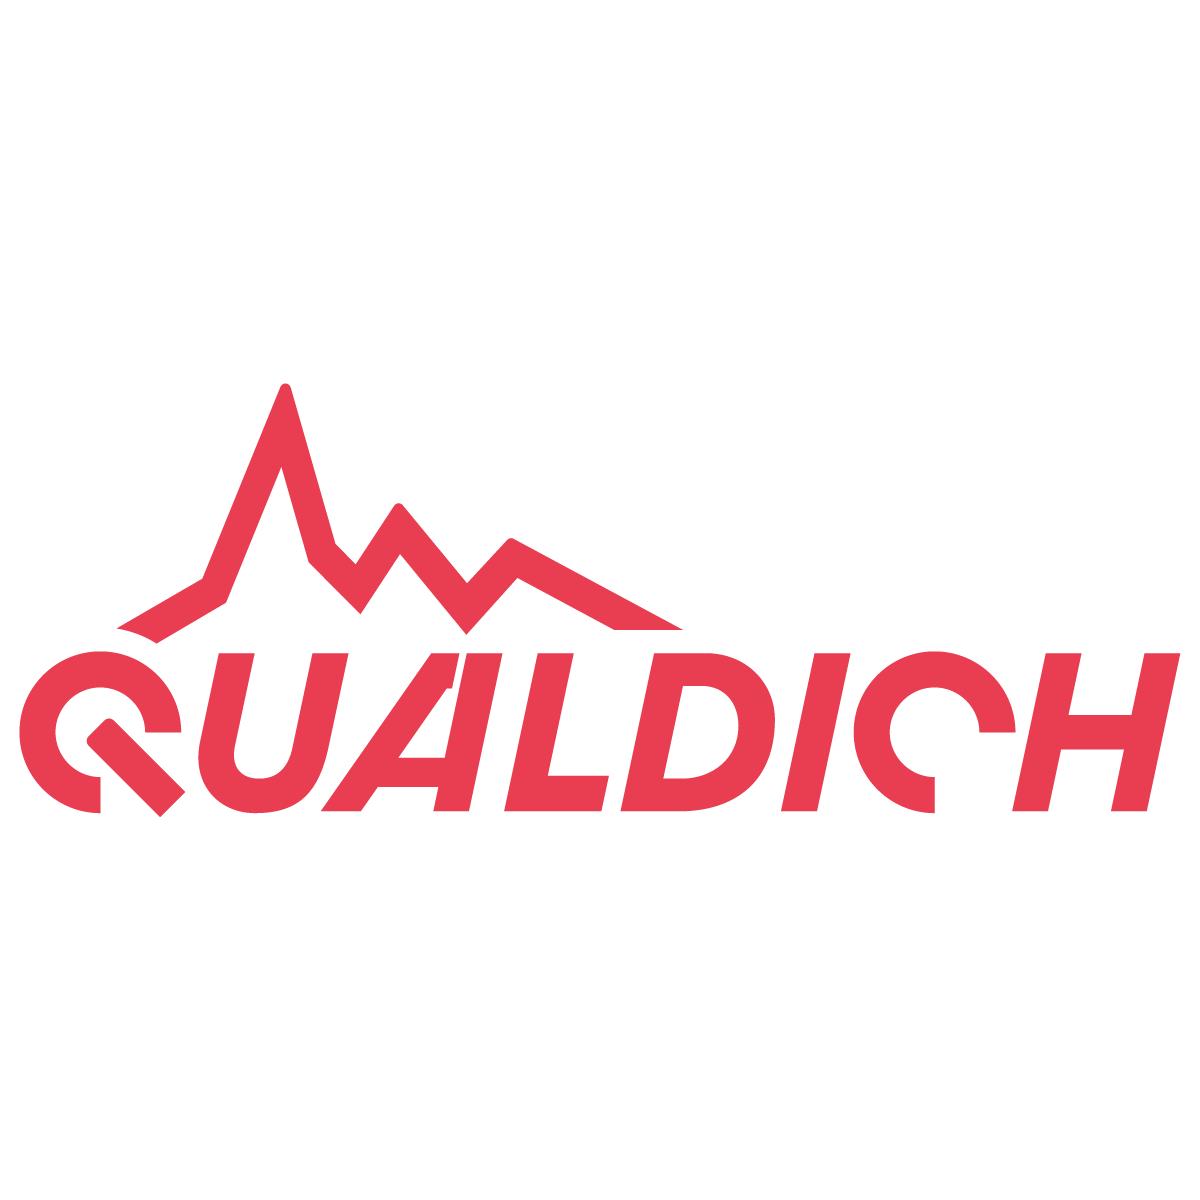 Rennrad Passe Alpen Pyrenaen Touren Schwarzwald Qualdich De Hauptsache Bergauf Fur Rennradfahrer